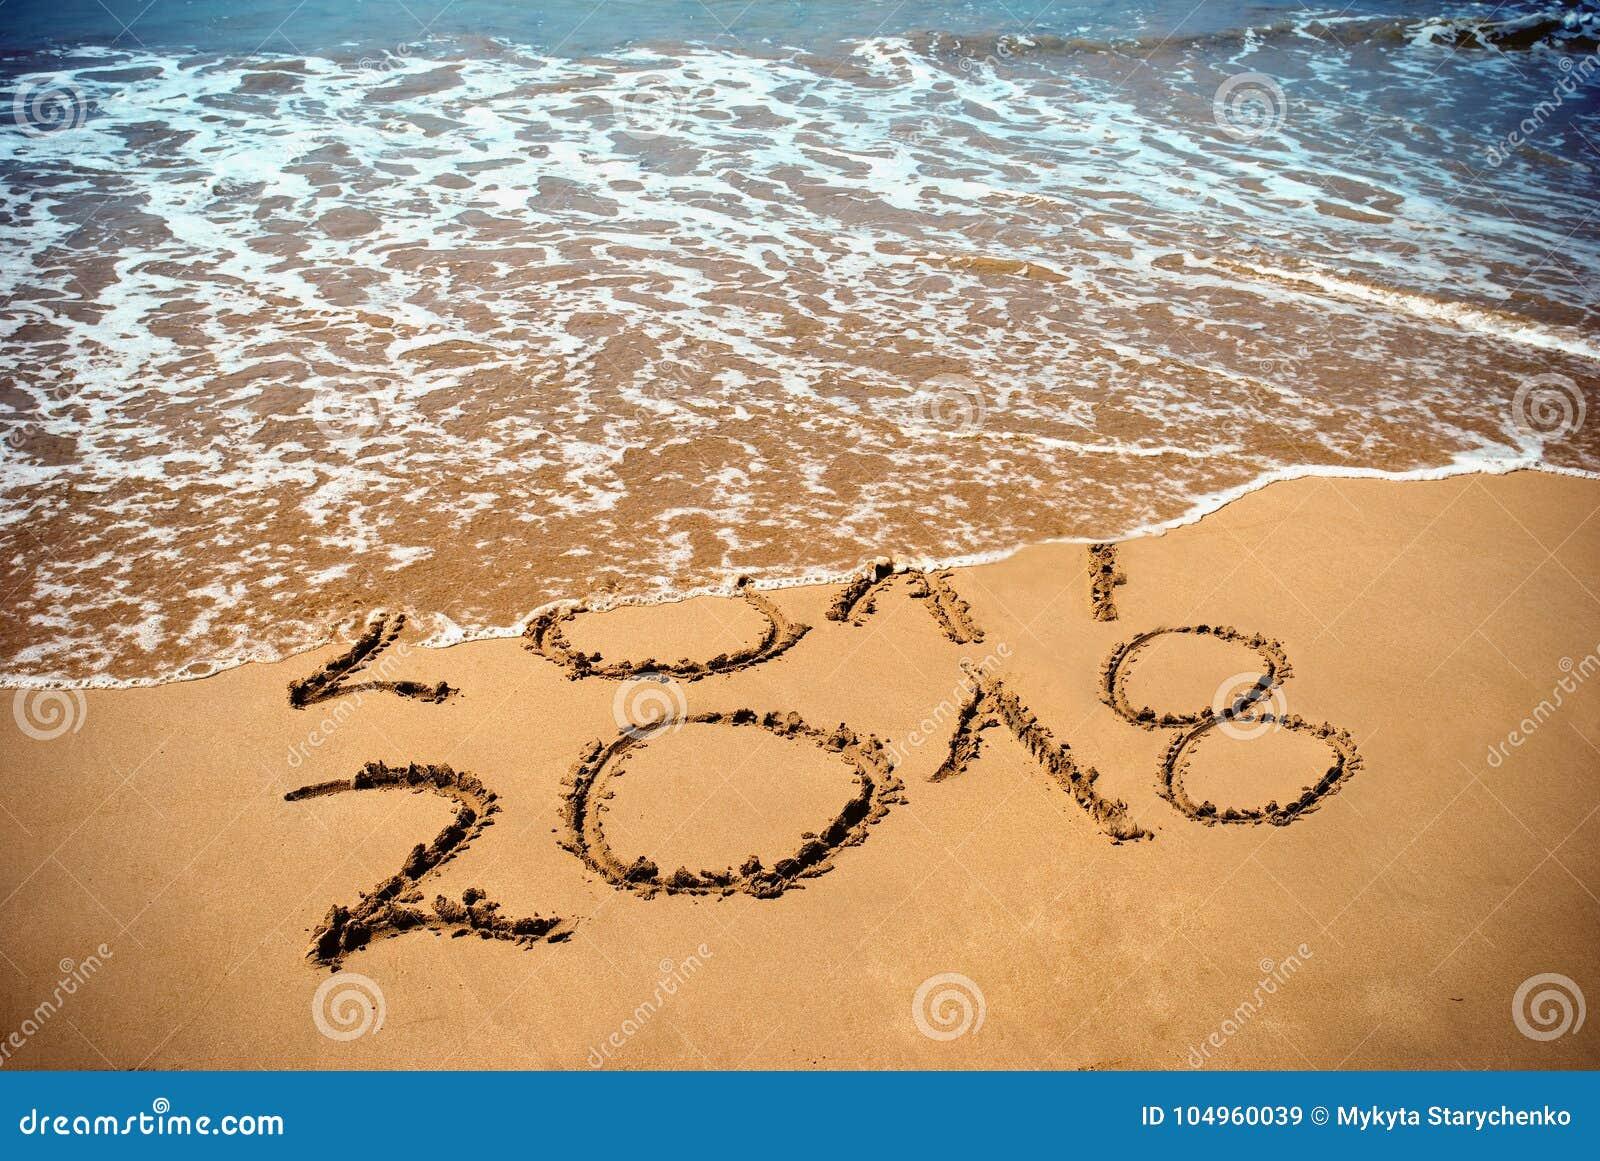 O ano novo 2018 é conceito de vinda - a inscrição 2017 e 2018 em uma areia da praia, a onda está cobrindo os dígitos 2017 Celebri